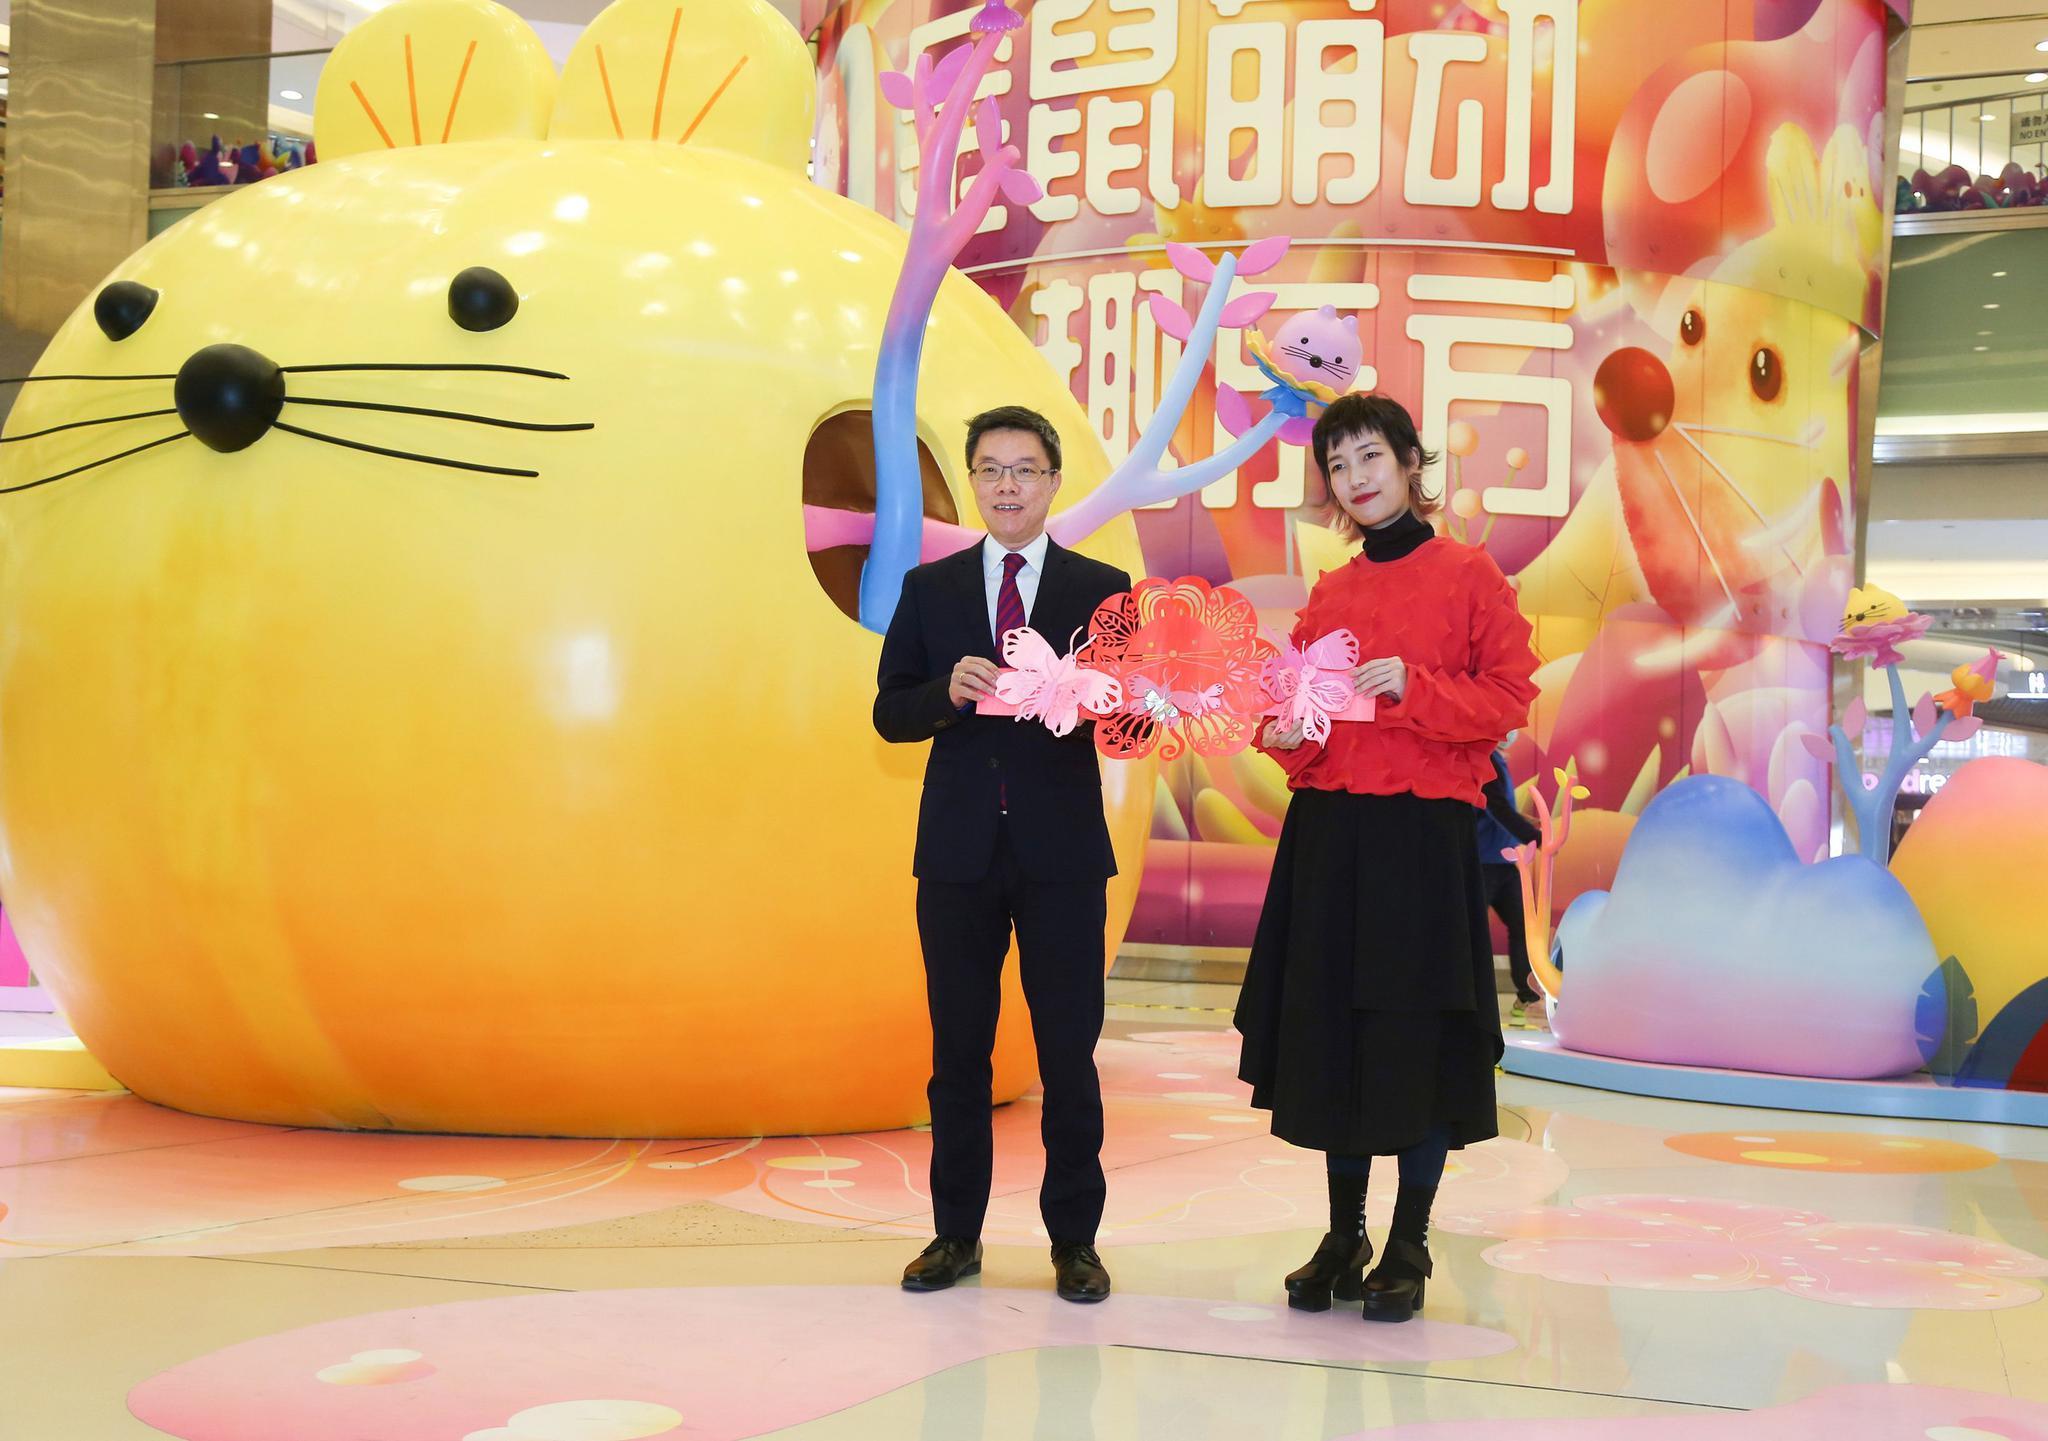 http://www.djpanaaz.com/shehuiwanxiang/344892.html